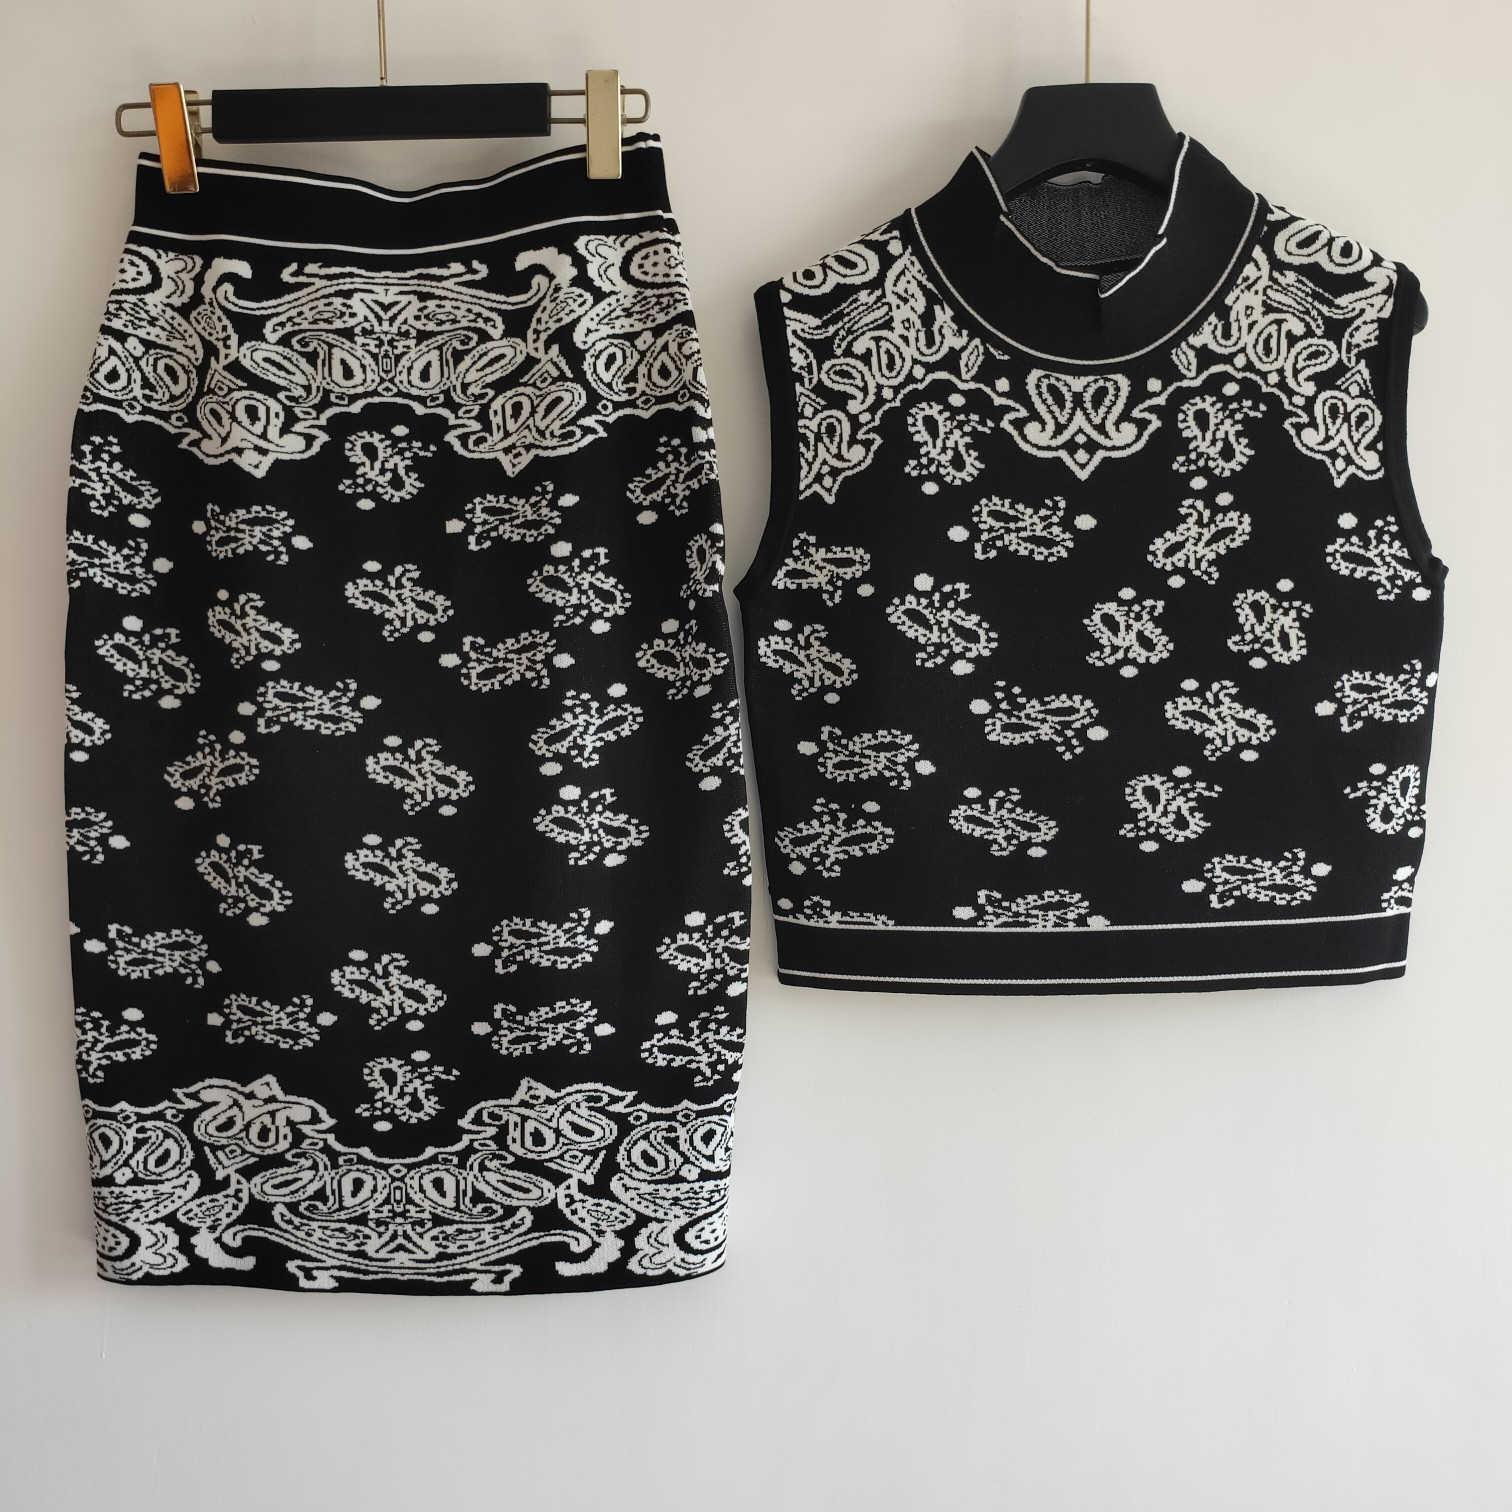 Designer Damen Zweiteiler Kleider der neuen Ankunfts-Art und Weise Frauen-T-Shirts + Kleider Sets S / S Damen Zweiteilige Sets Kleider Größe S-L YF20184